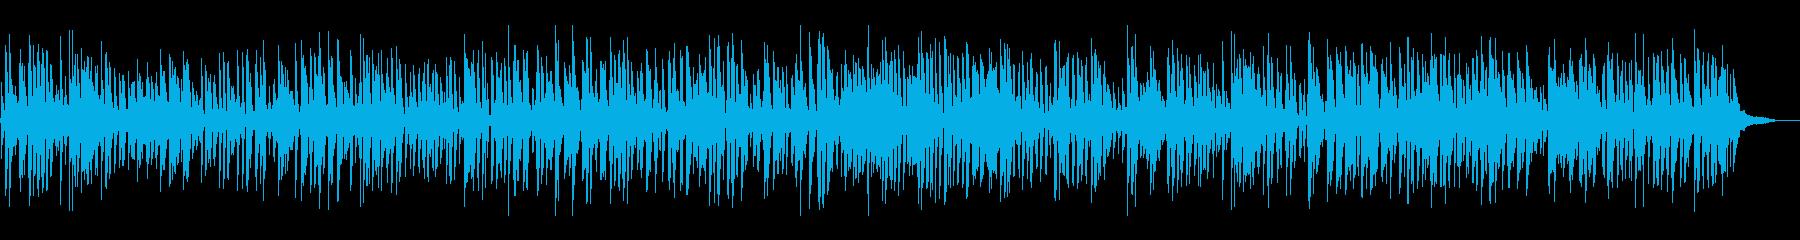 お洒落アコースティックジャズピアノトリオの再生済みの波形